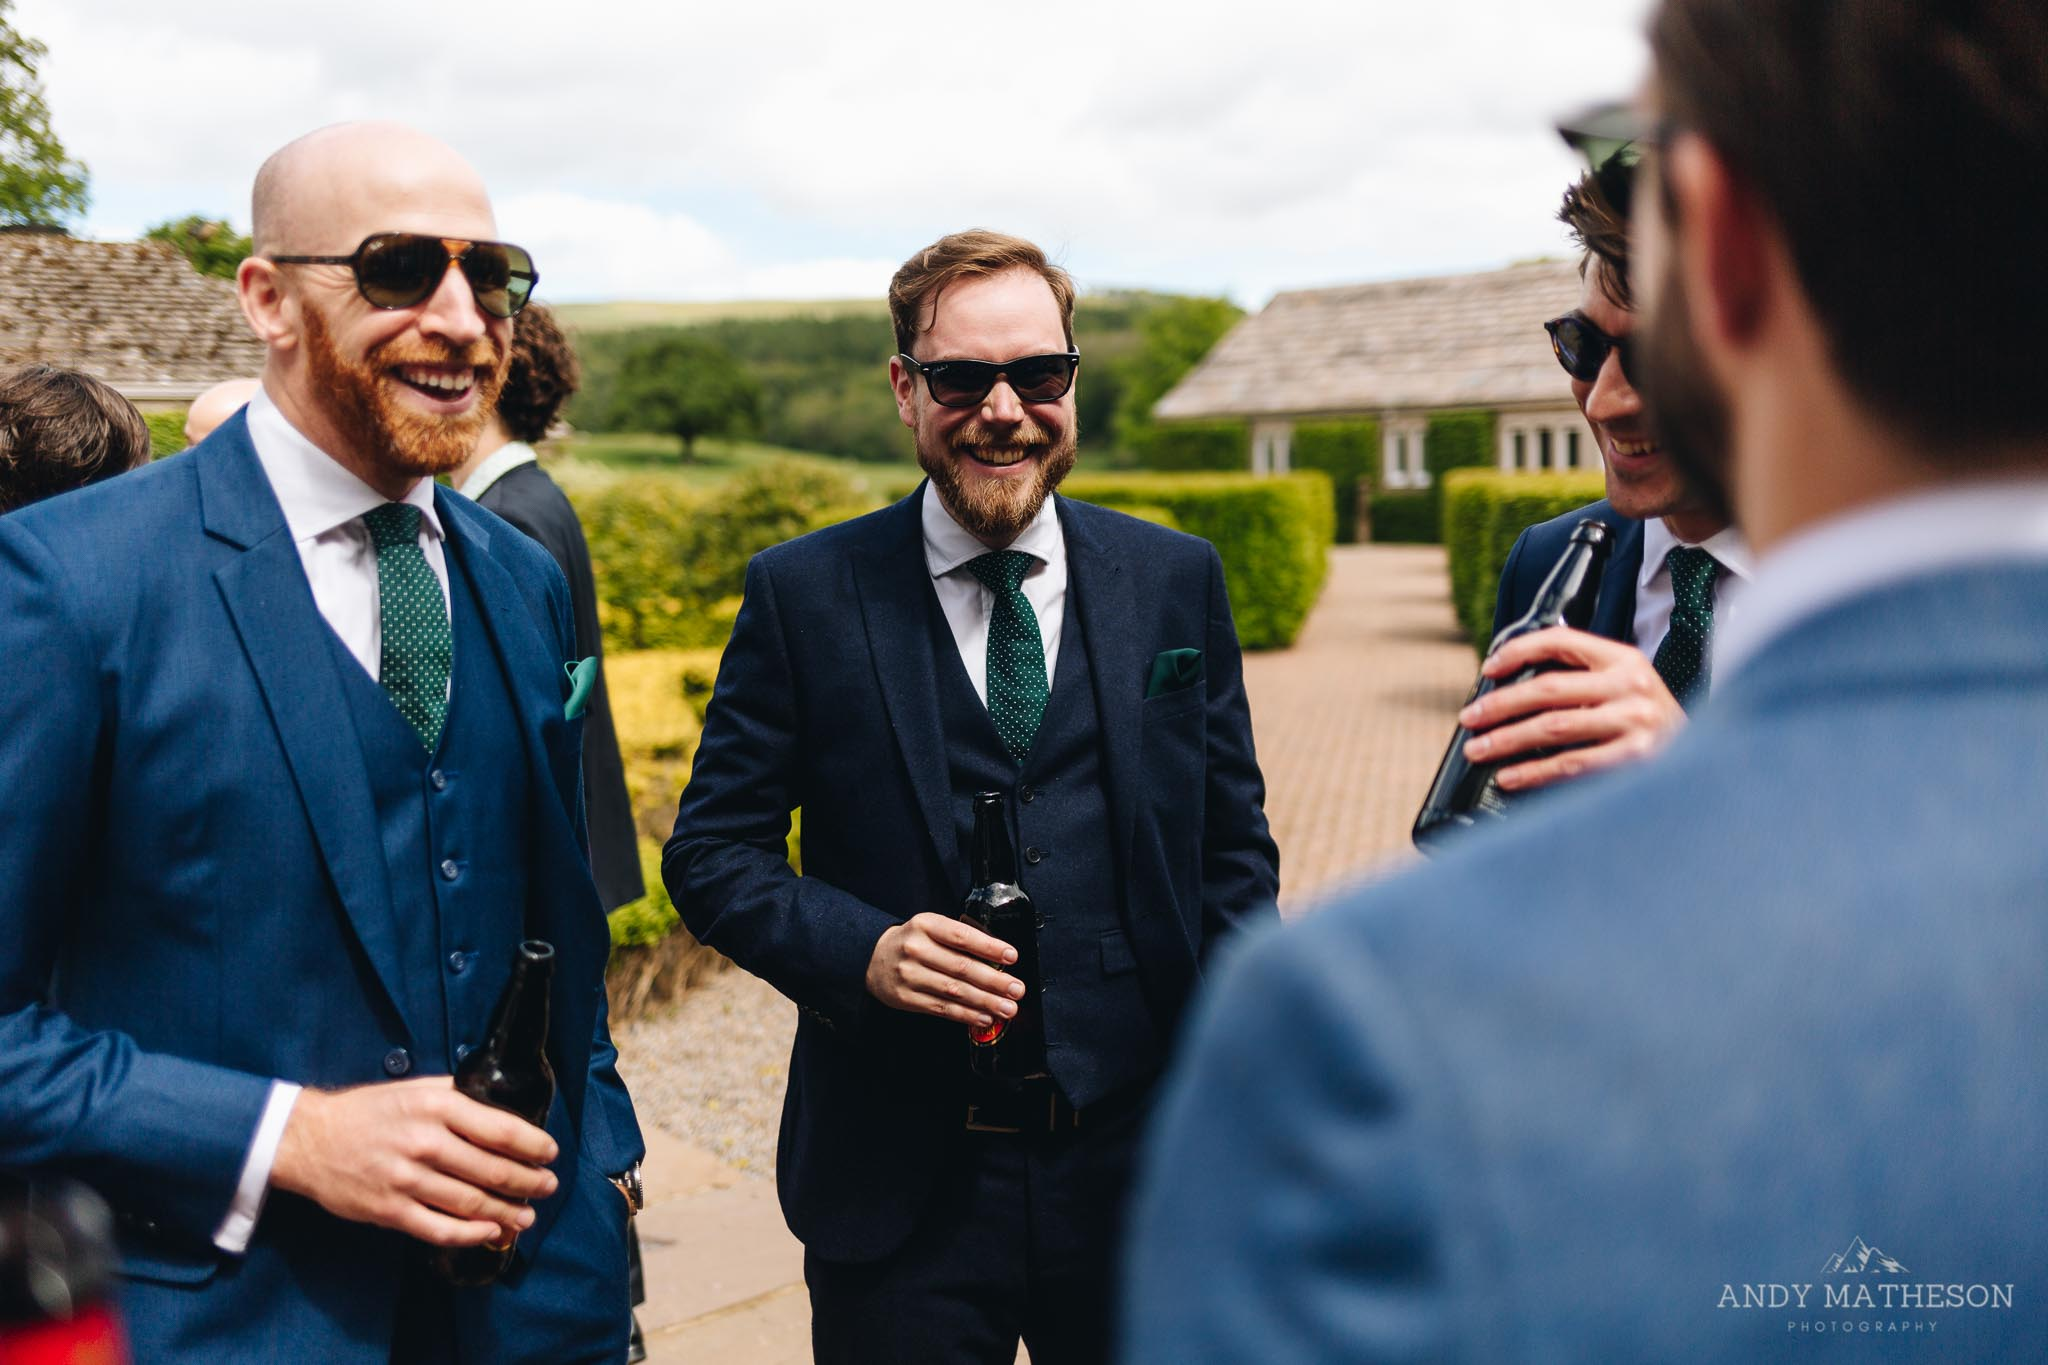 Tithe Barn Bolton Abbey Wedding Photographer_Andy Matheson_020.jpg